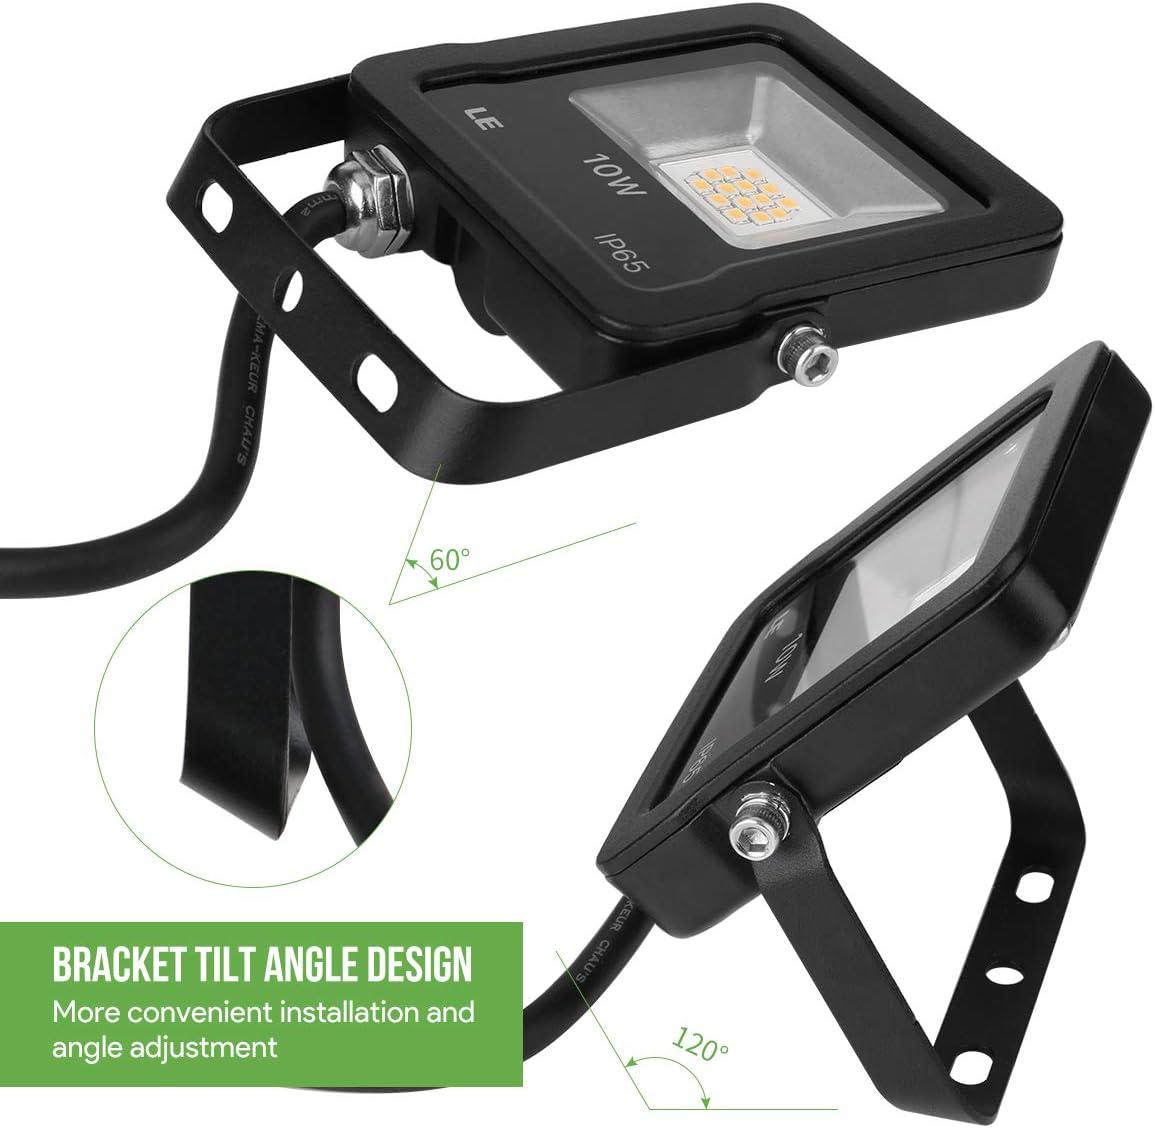 LED Flutlicht 100W 50W 30W 20W 10W Ultrad/ünner Wei/ßer Reflektor Flutlichtscheinwerfer 230V IP68 Wasserdichte Au/ßenbeleuchtung,10W Kaltwei/ß